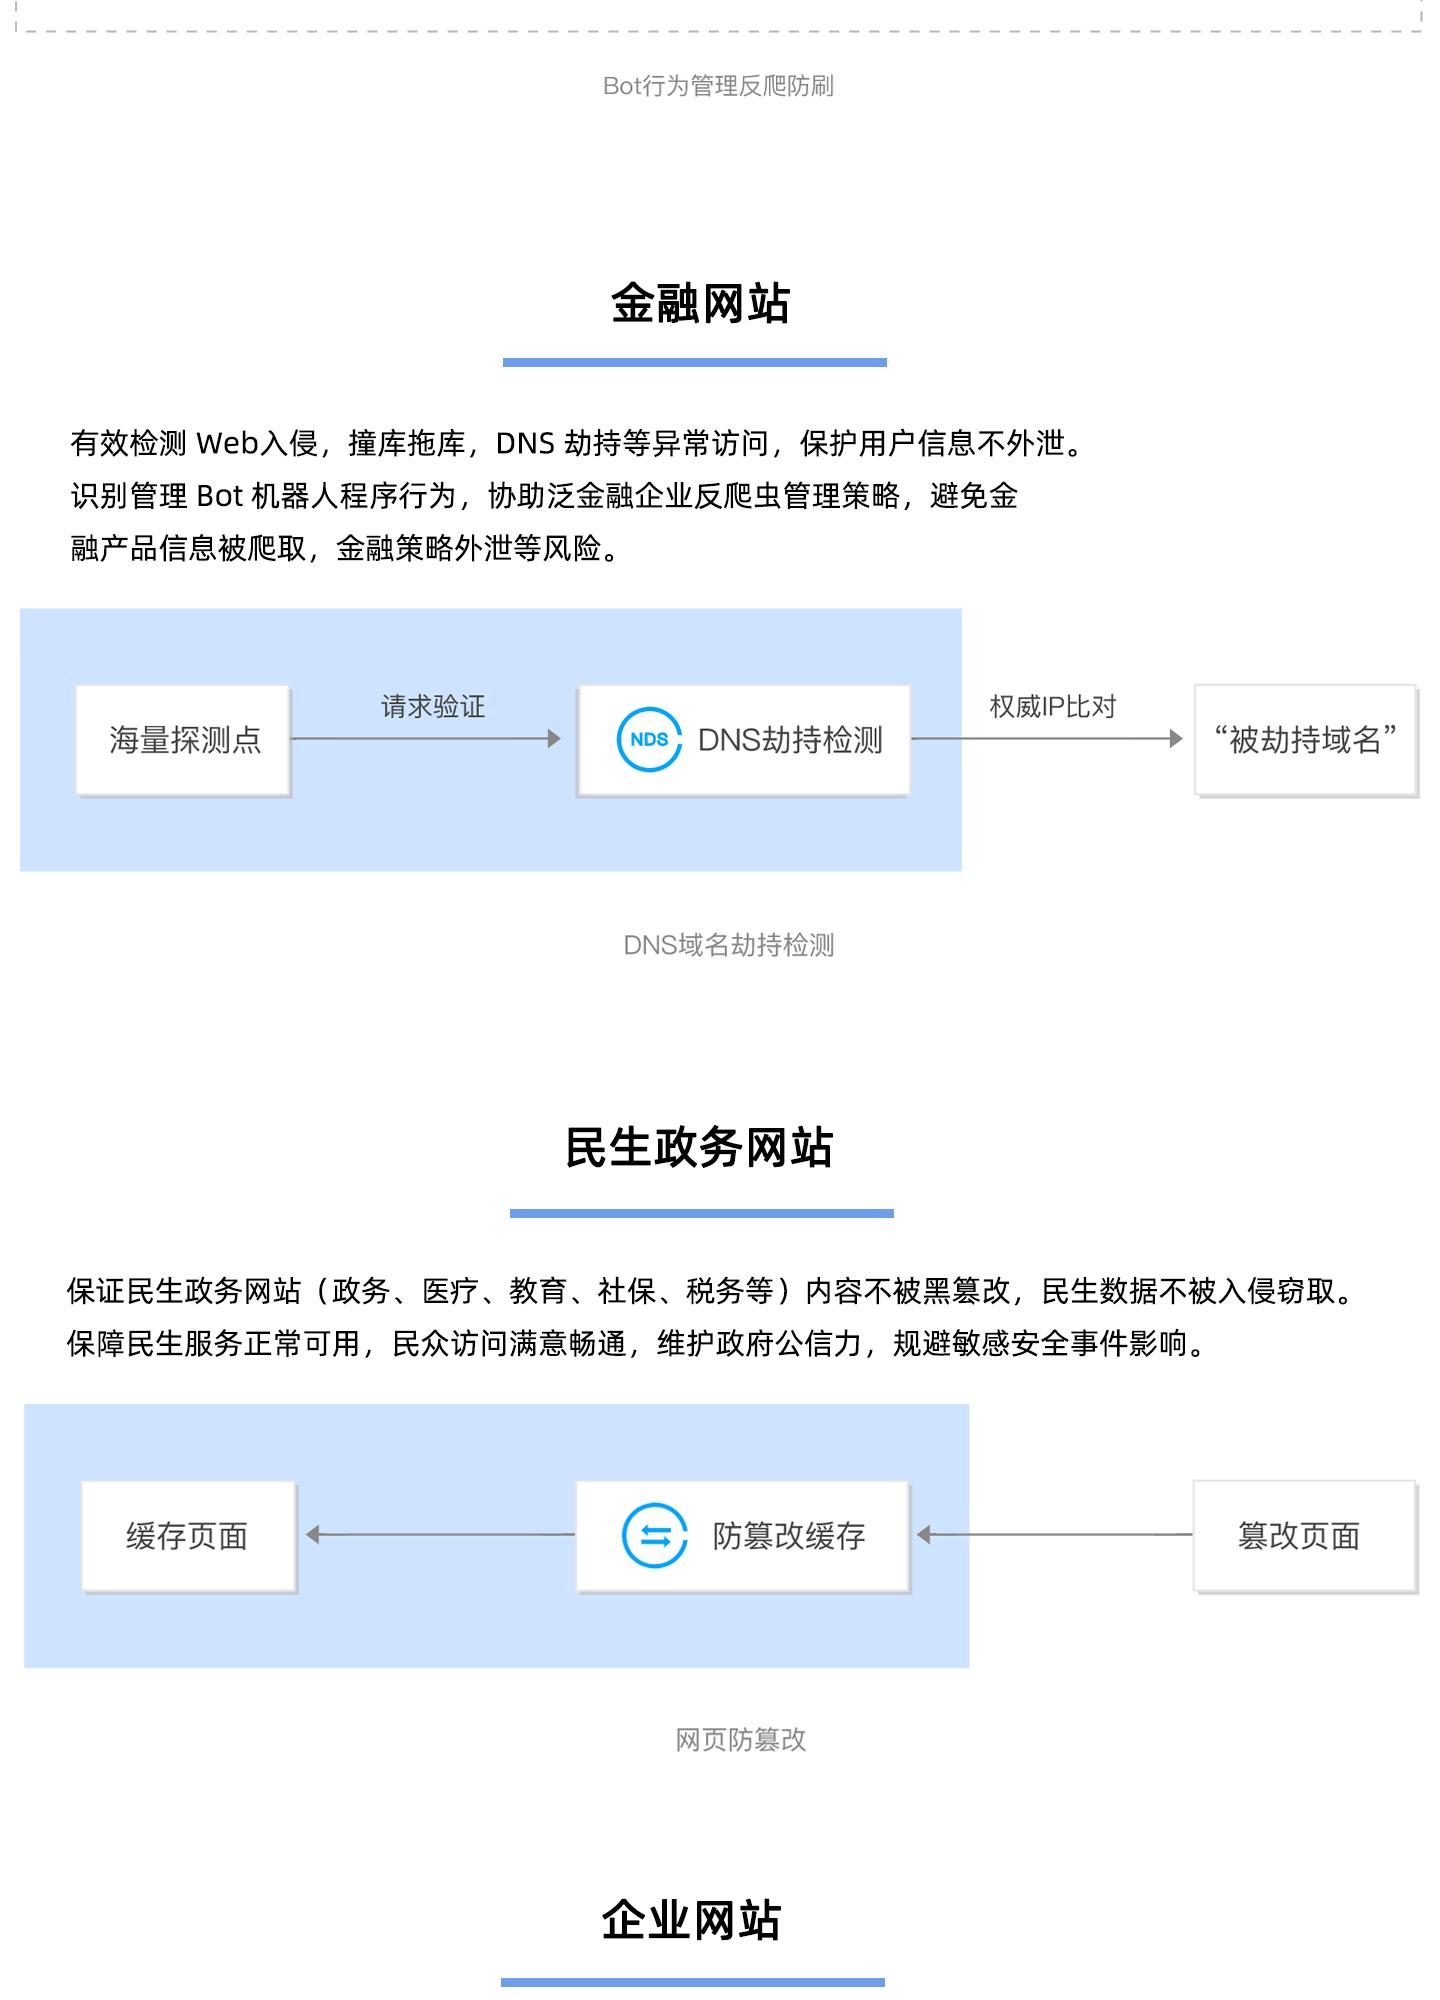 T-Sec-Web-应用防火墙1440_04.jpg